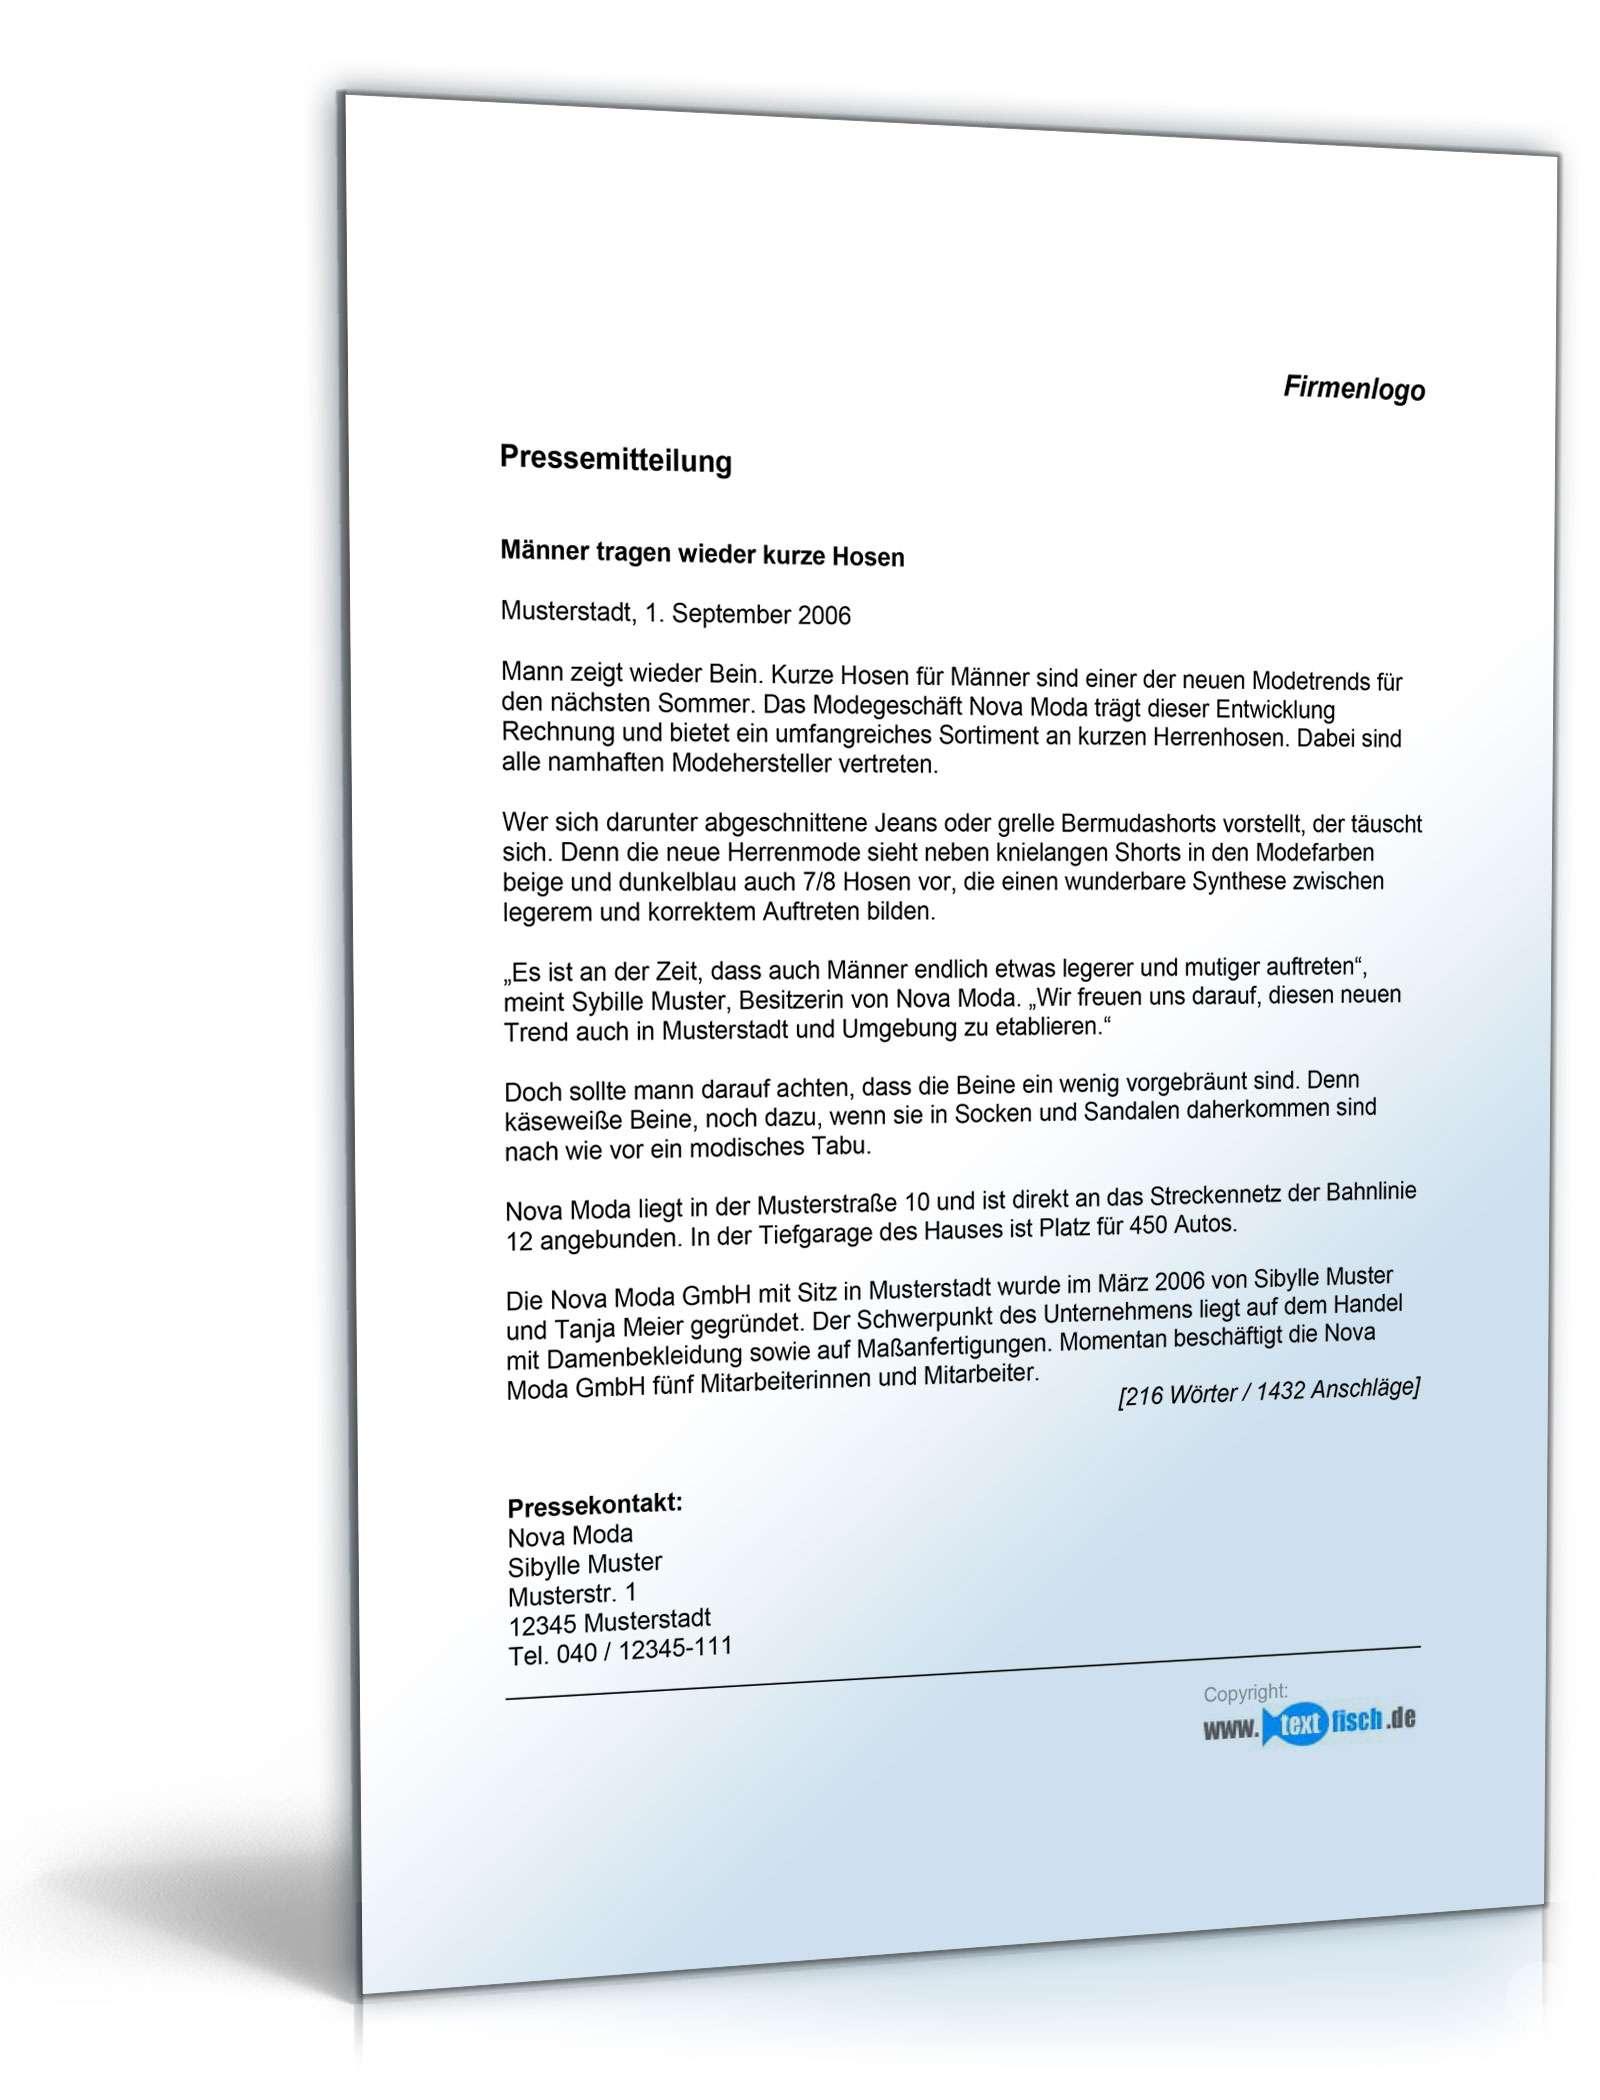 Pressemitteilung über neuen Trend (Bekleidungsladen) - Musterbrief ...